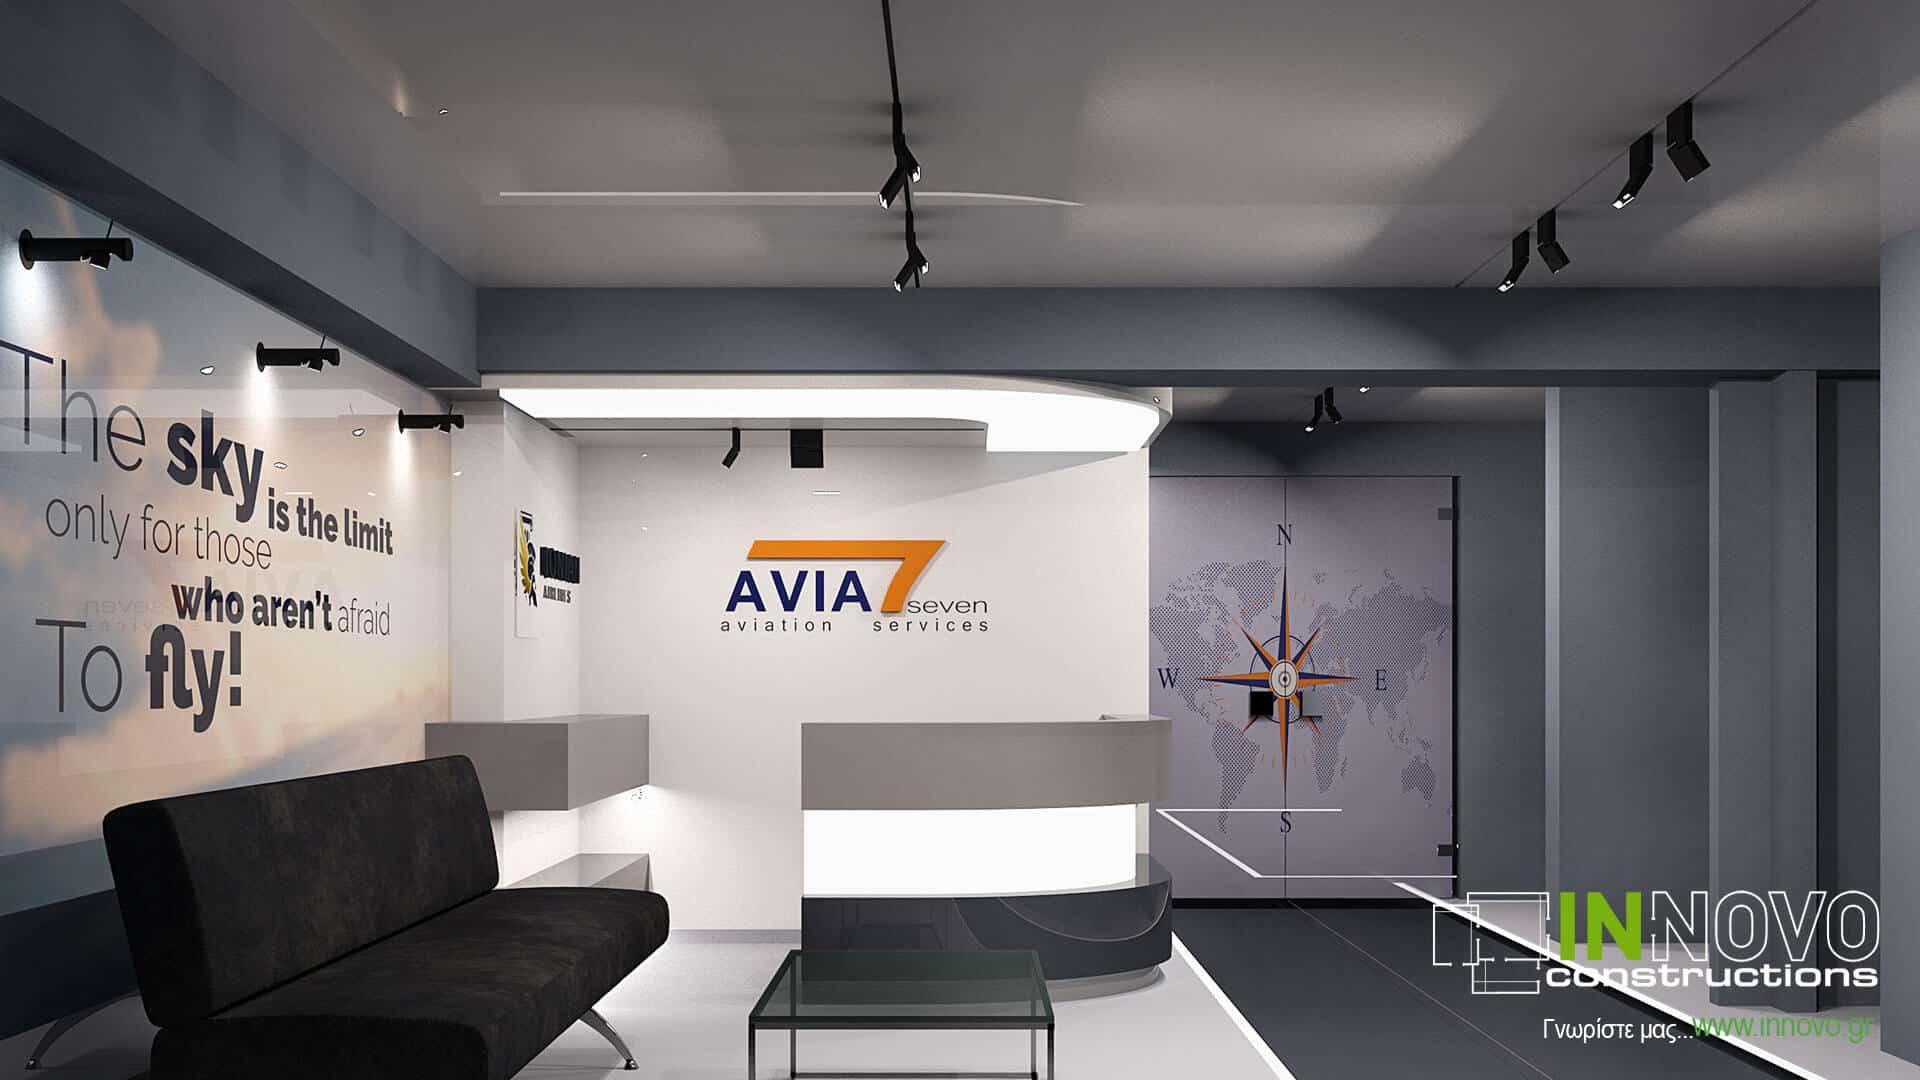 σχεδιασμός-γραφείων-sxediasmos-grafeion-office-design-airlines